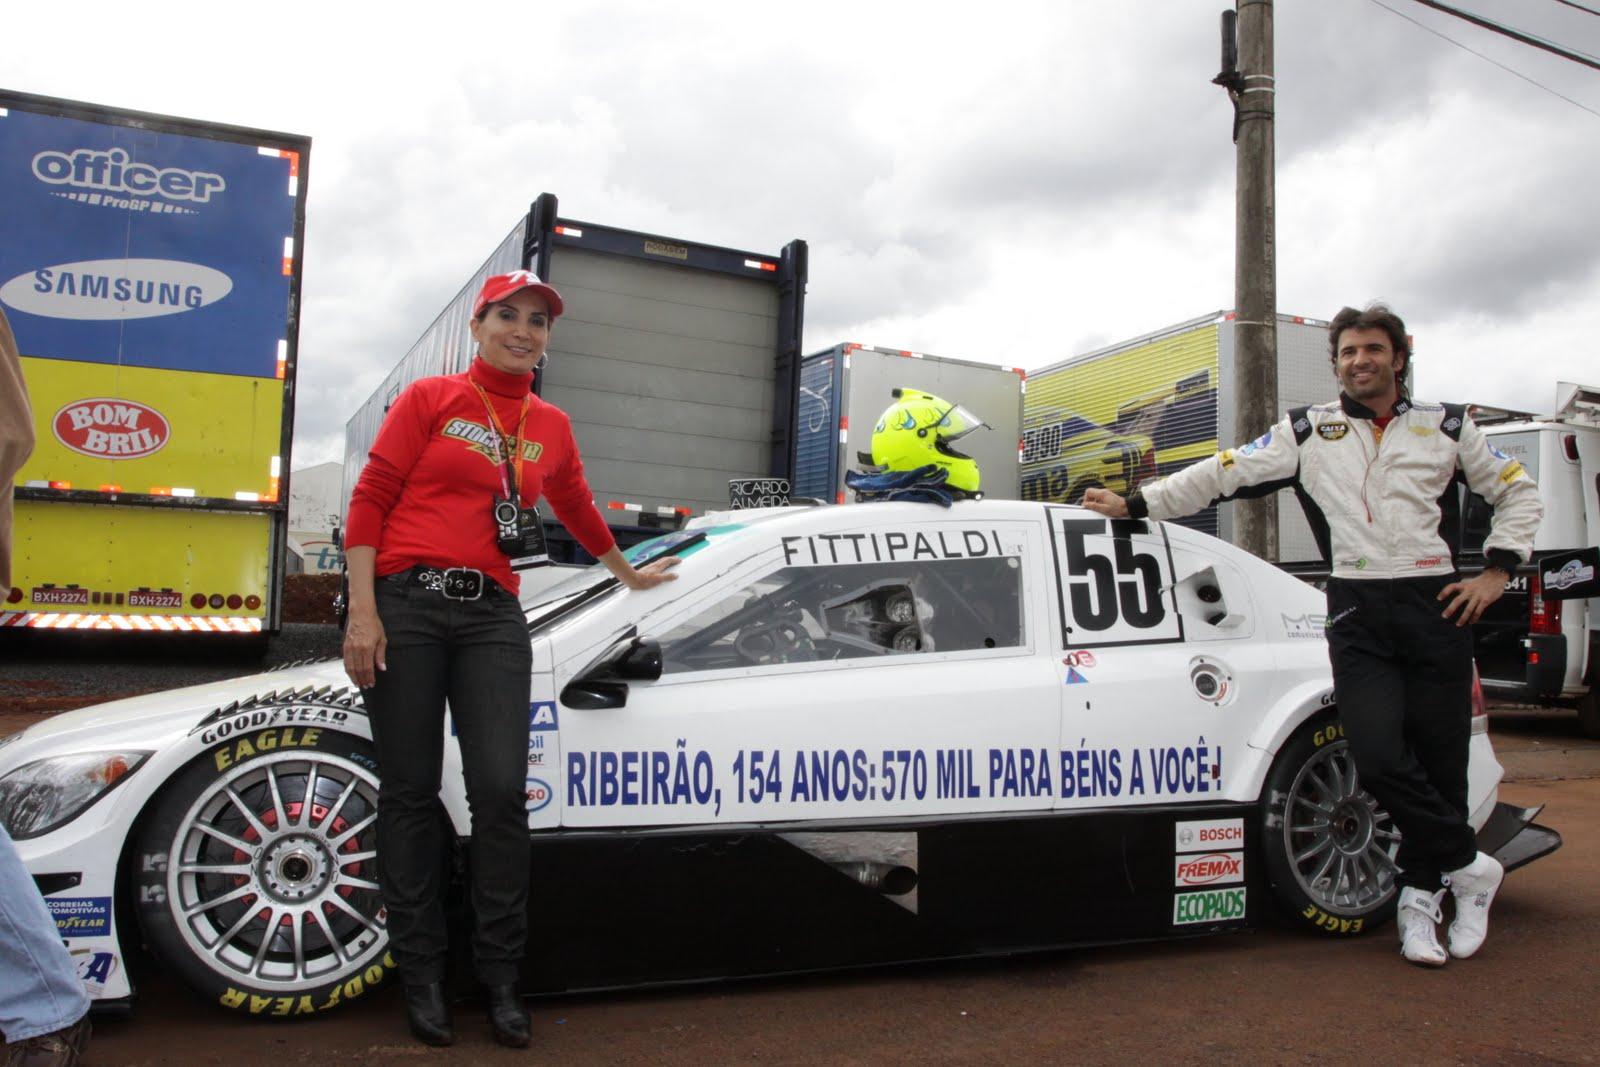 a78e7369dd9 Tarso Marques e Christian Fittipaldi homenageiam cidade em seus carros e  são contemplados com elogios de Dárcy Vera